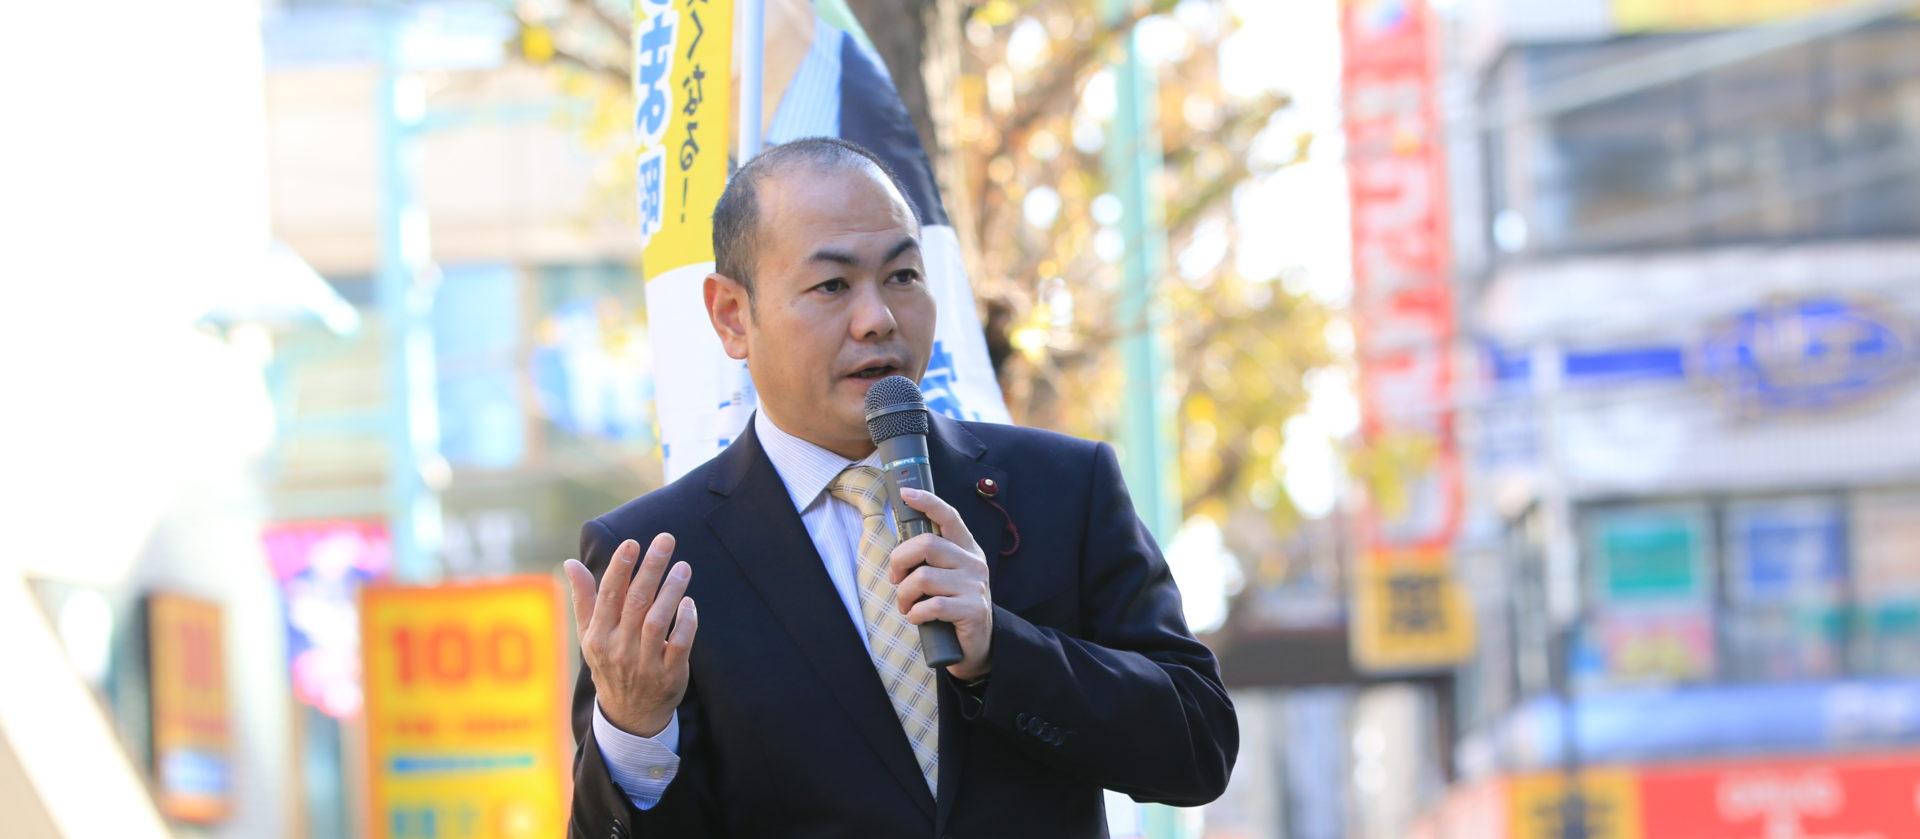 渋谷区議会議員 はるた学(立憲民主党)公式サイト